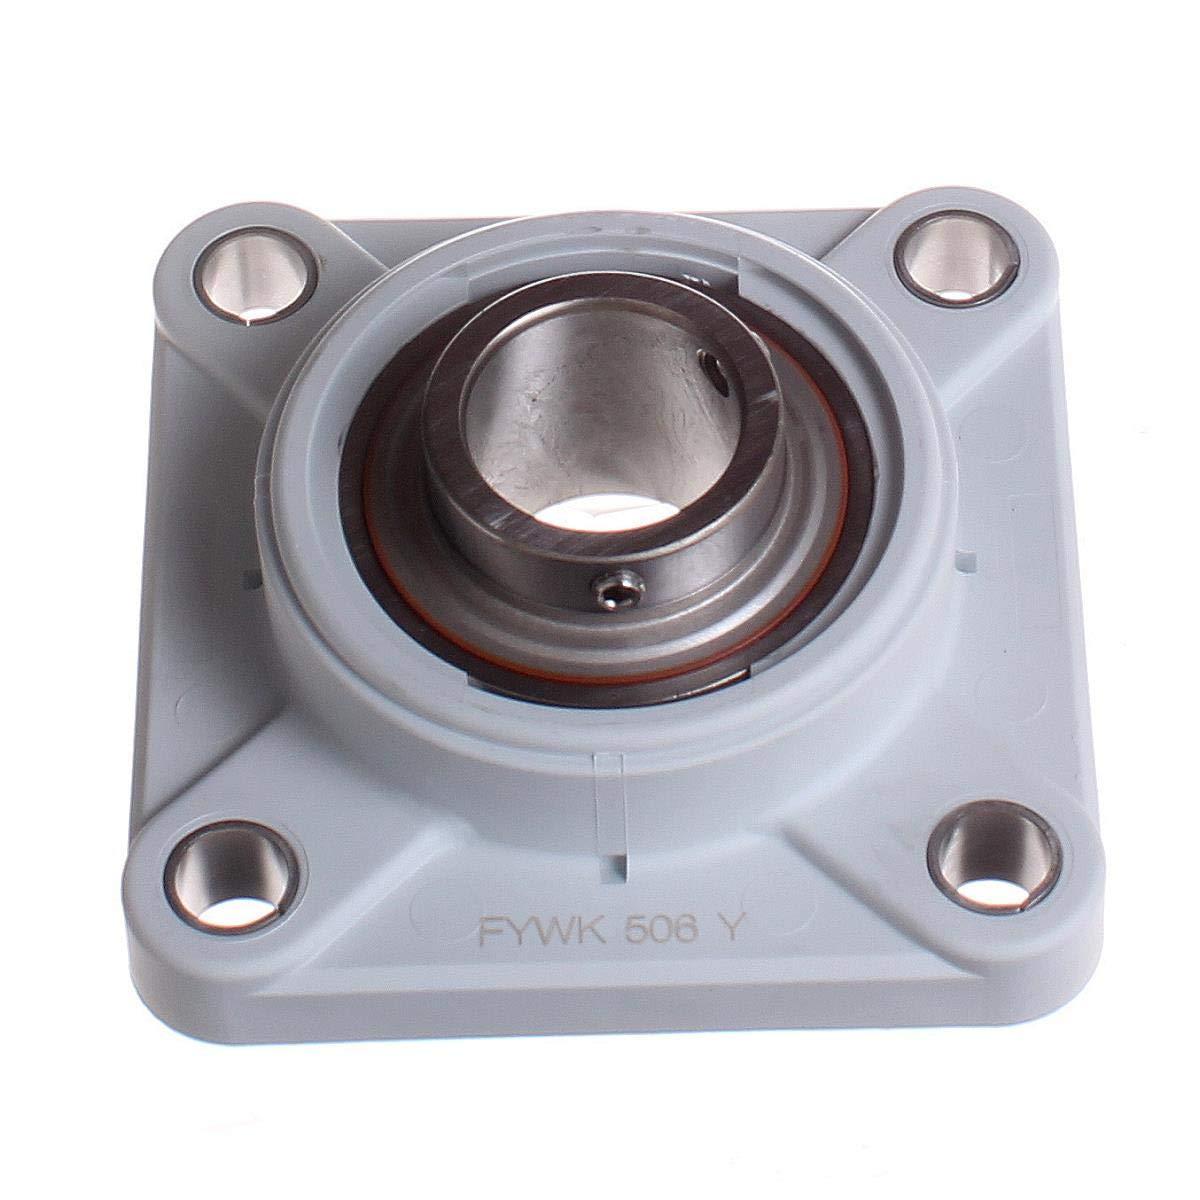 SKF - Rodamiento de inserción para unidad de rodamiento, 30 ID, acero inoxidable